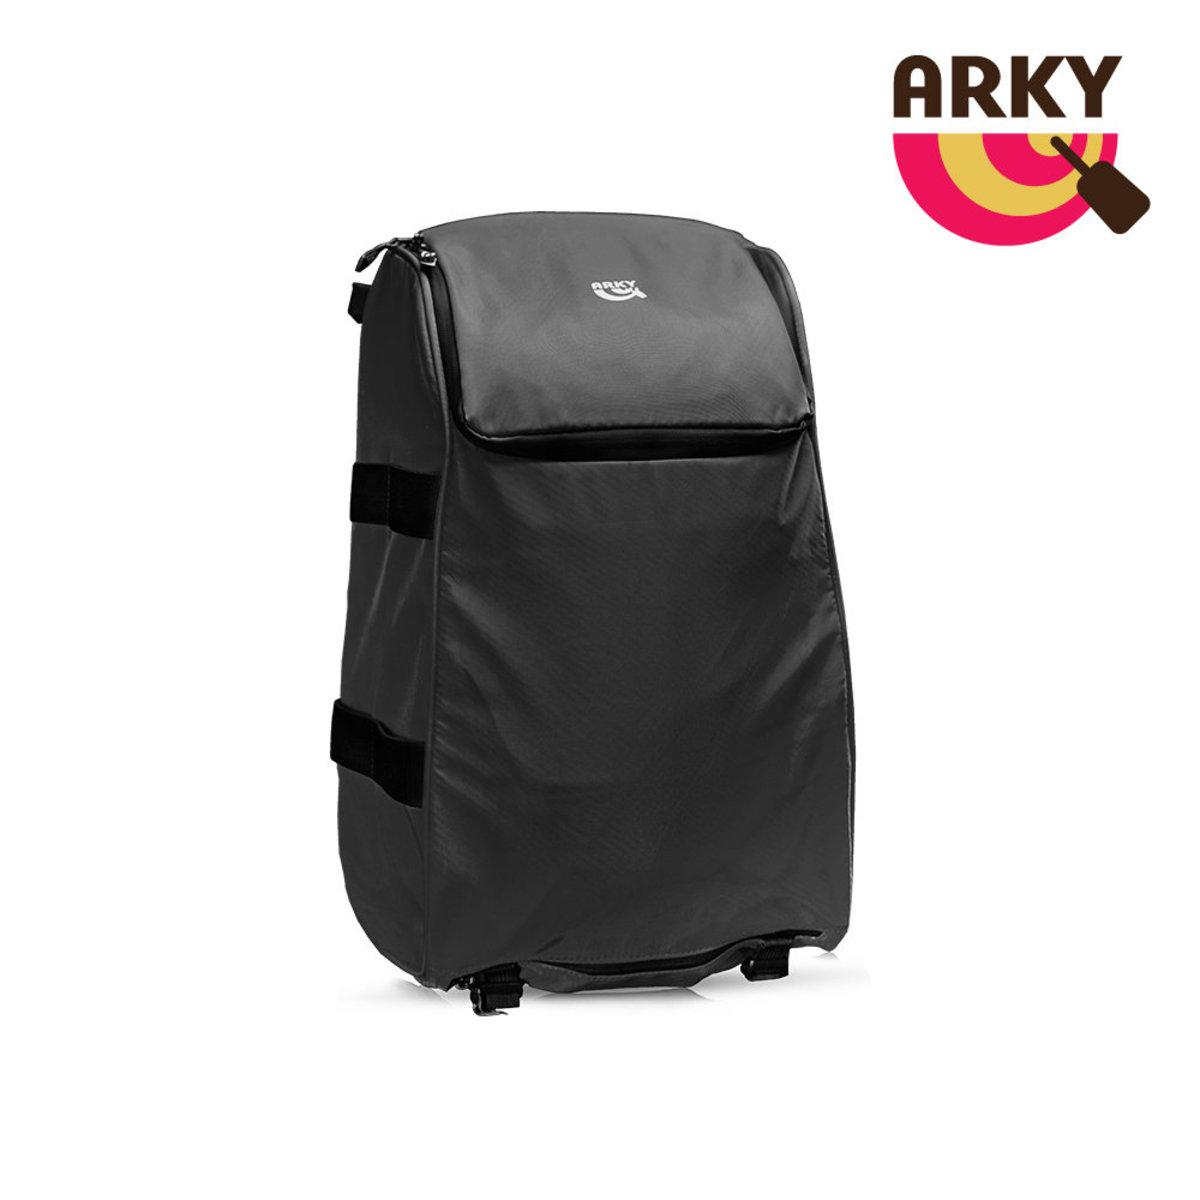 ARKY_multi_function_waterproof_sports_elegant_package_black